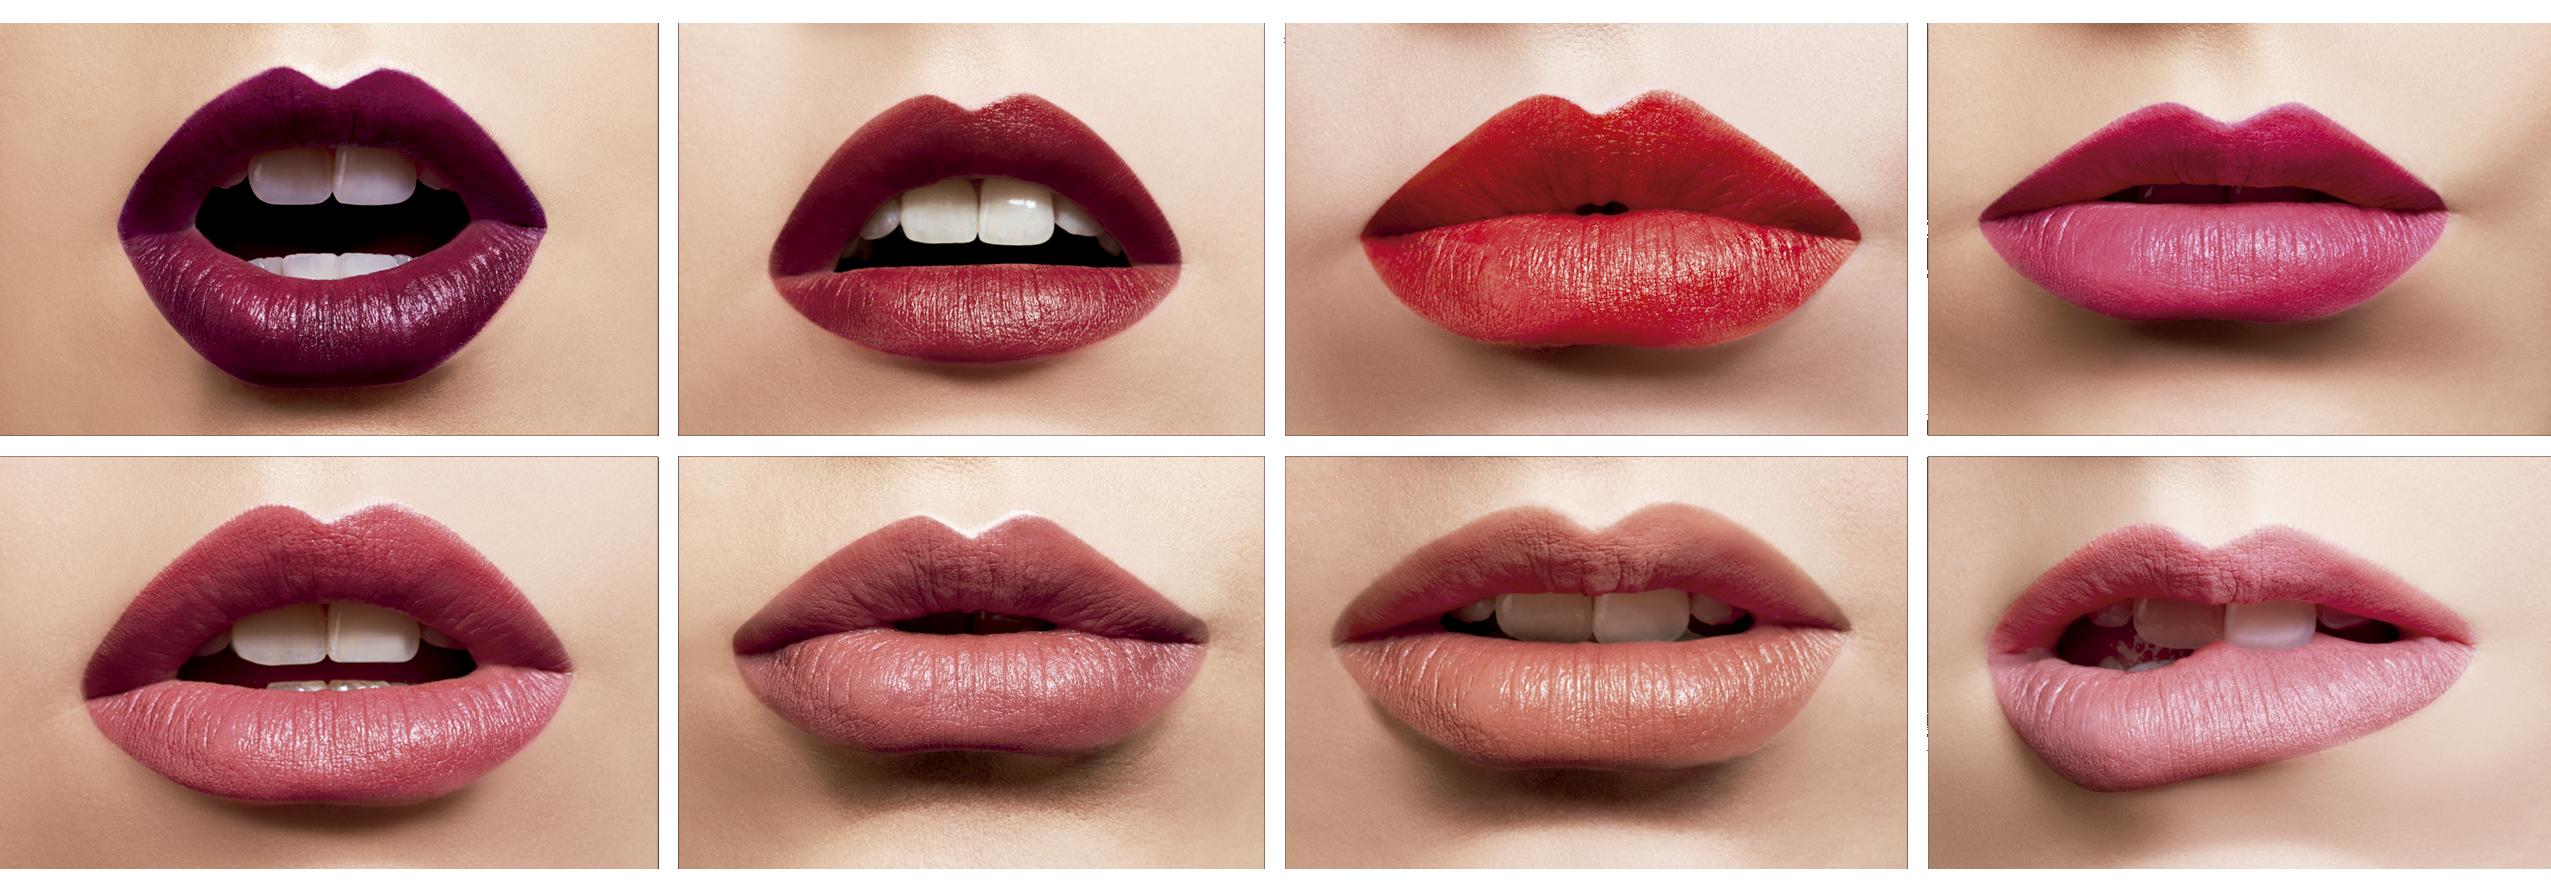 La personalidad según tu color de barra de labios